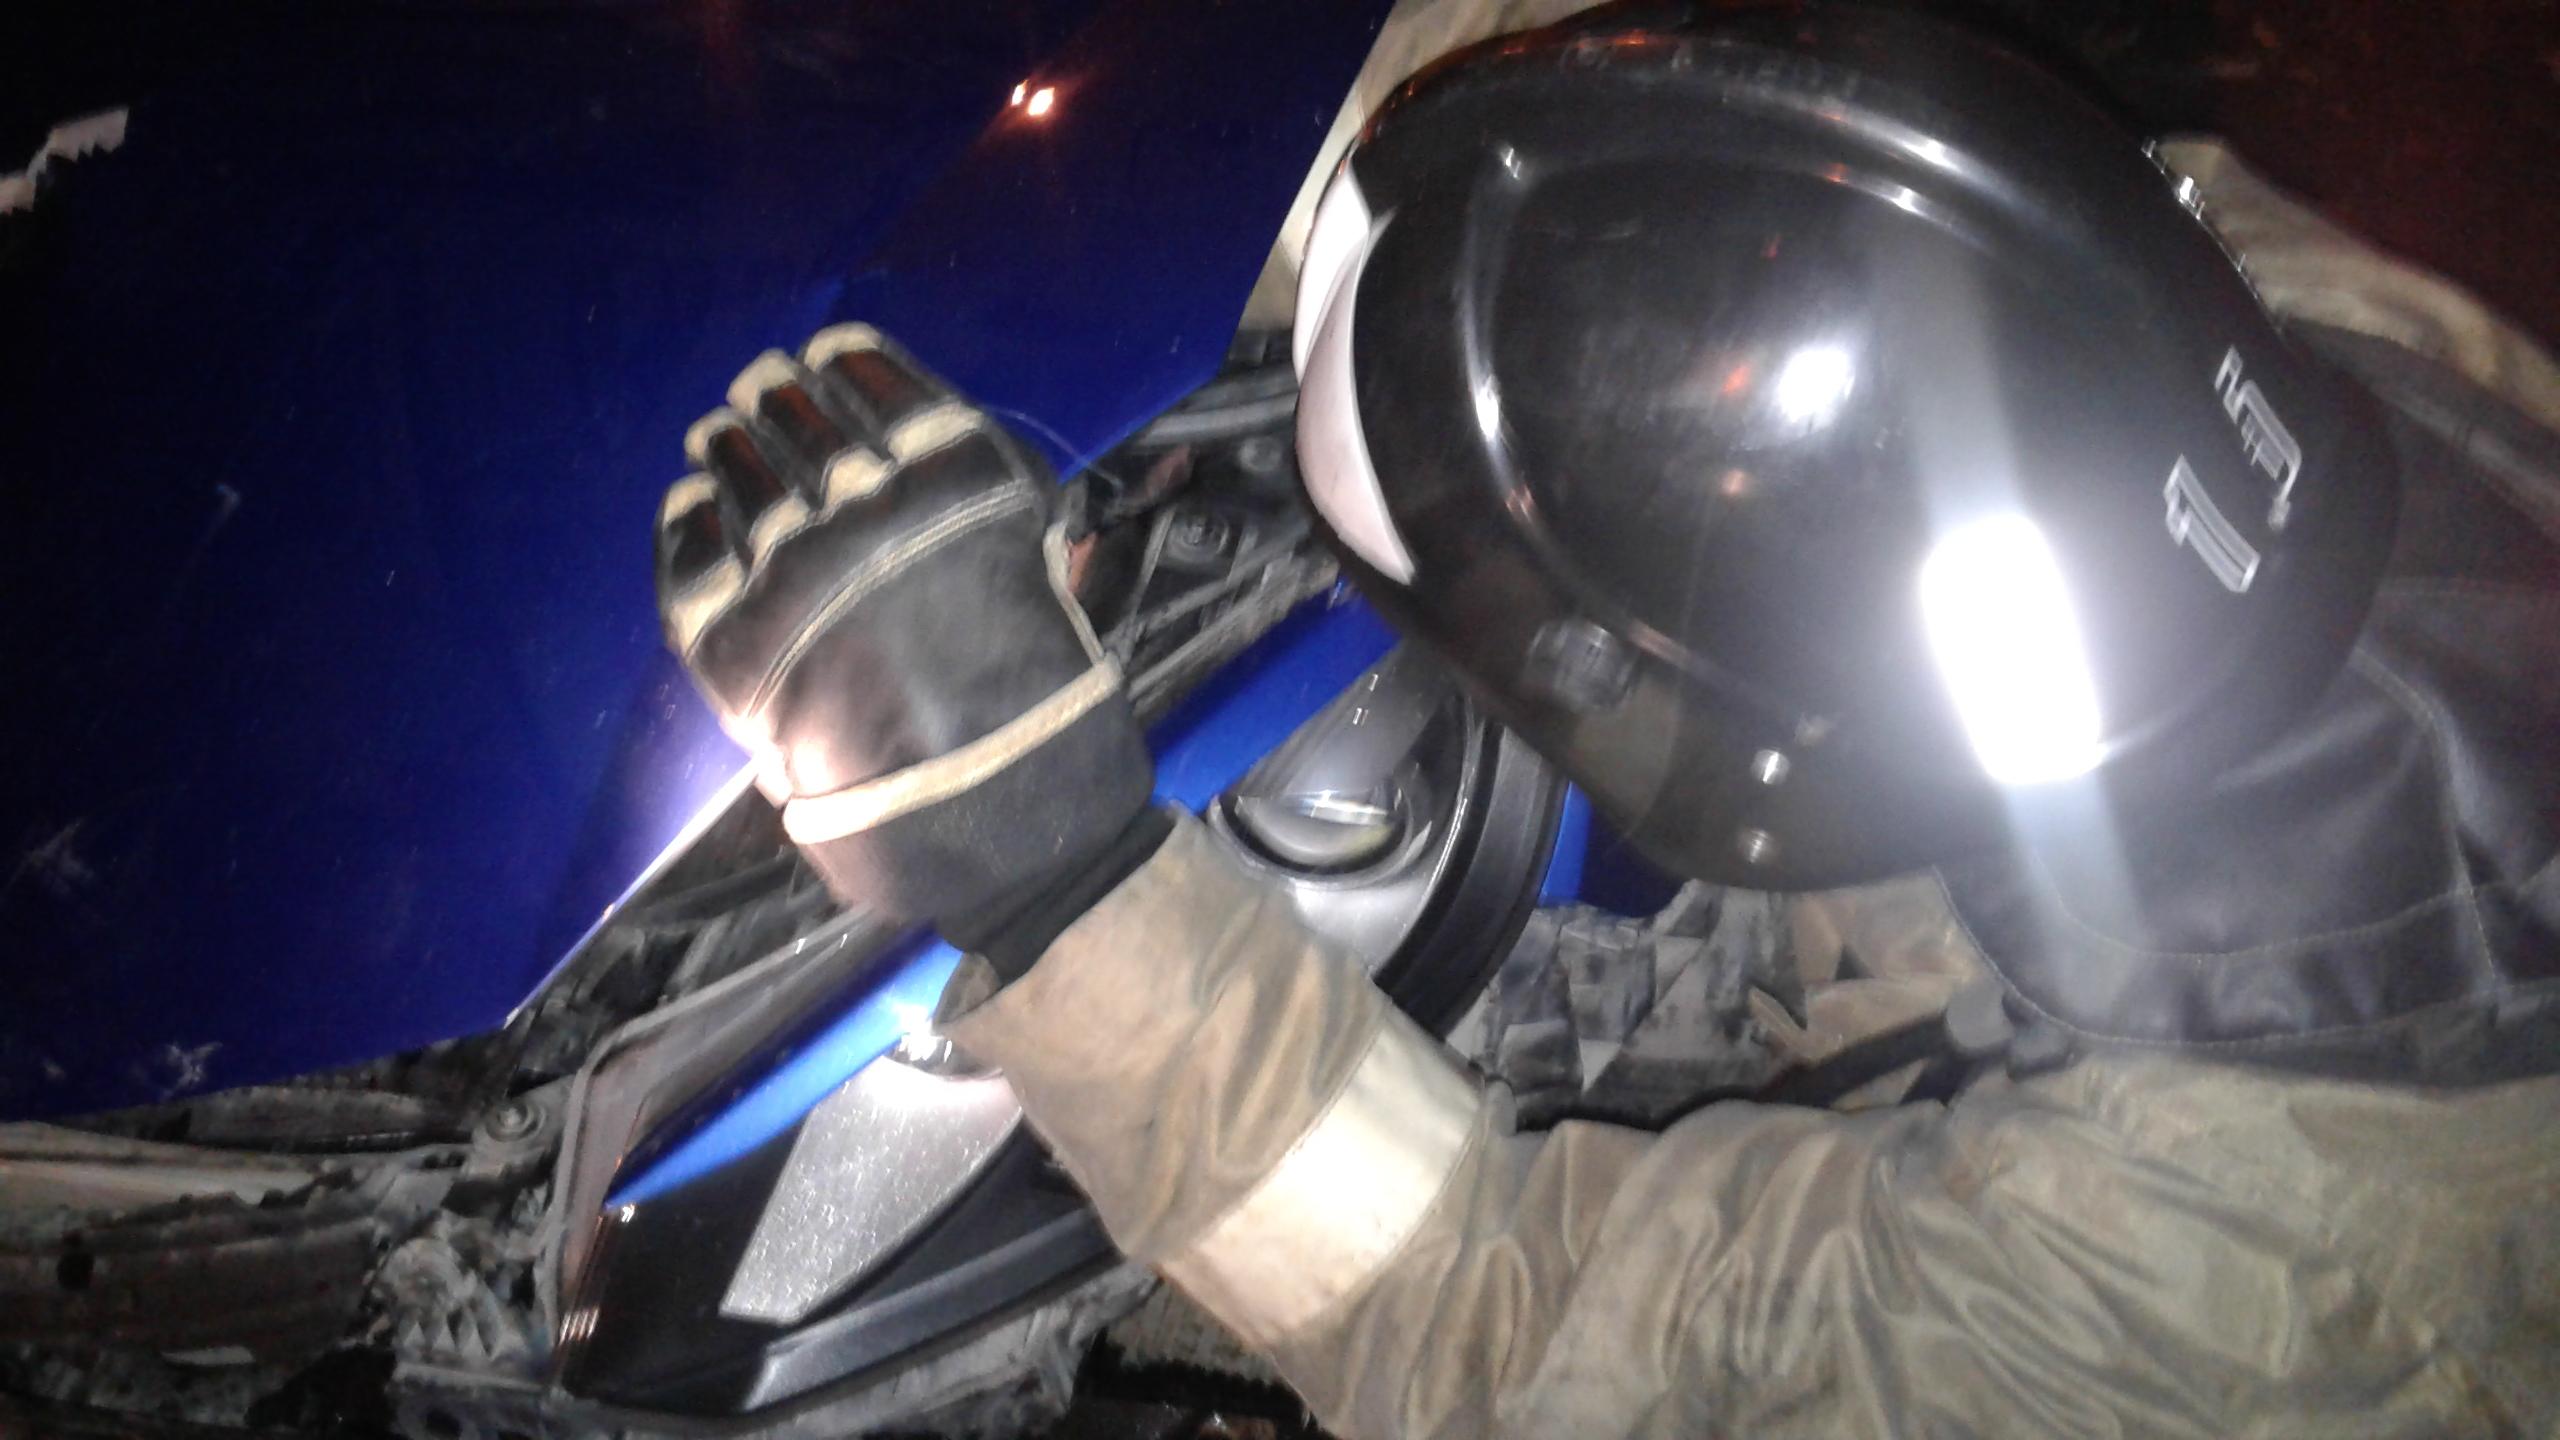 В Альметьевске четыре человека пострадали при столкновении четырех машин